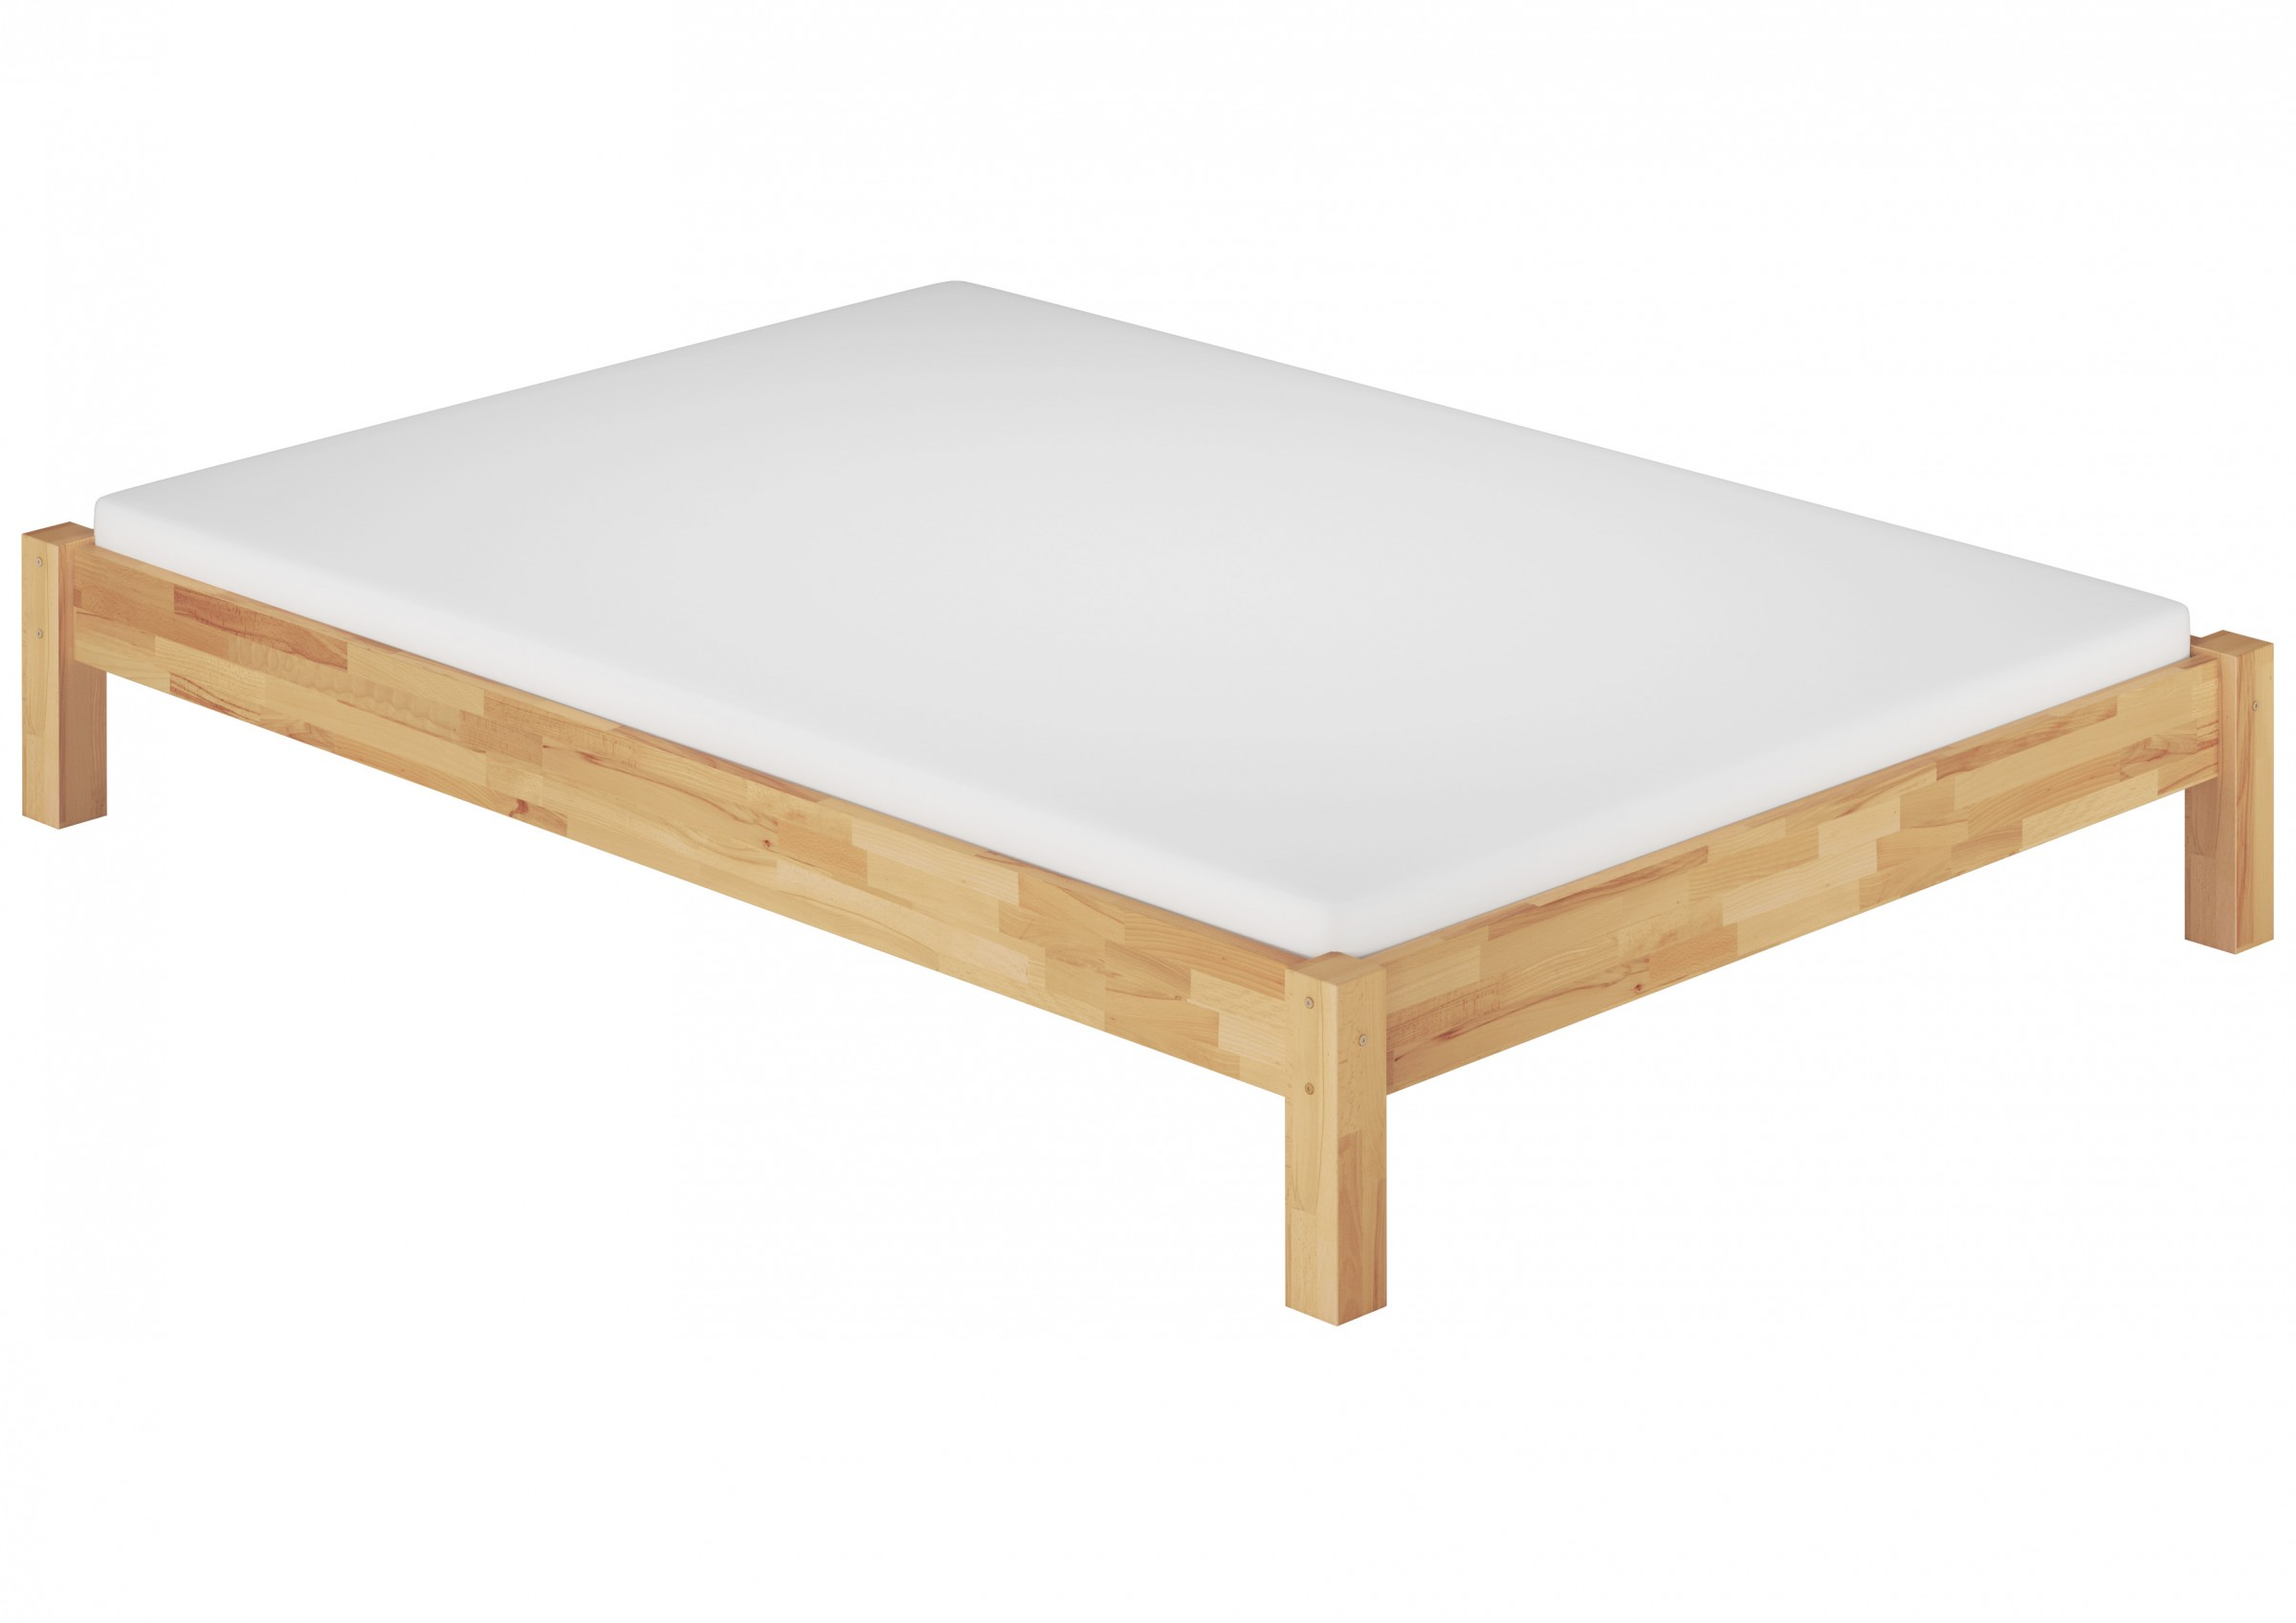 Bett futon doppelbett 180x200 buche massiv for Bett 60 x 180